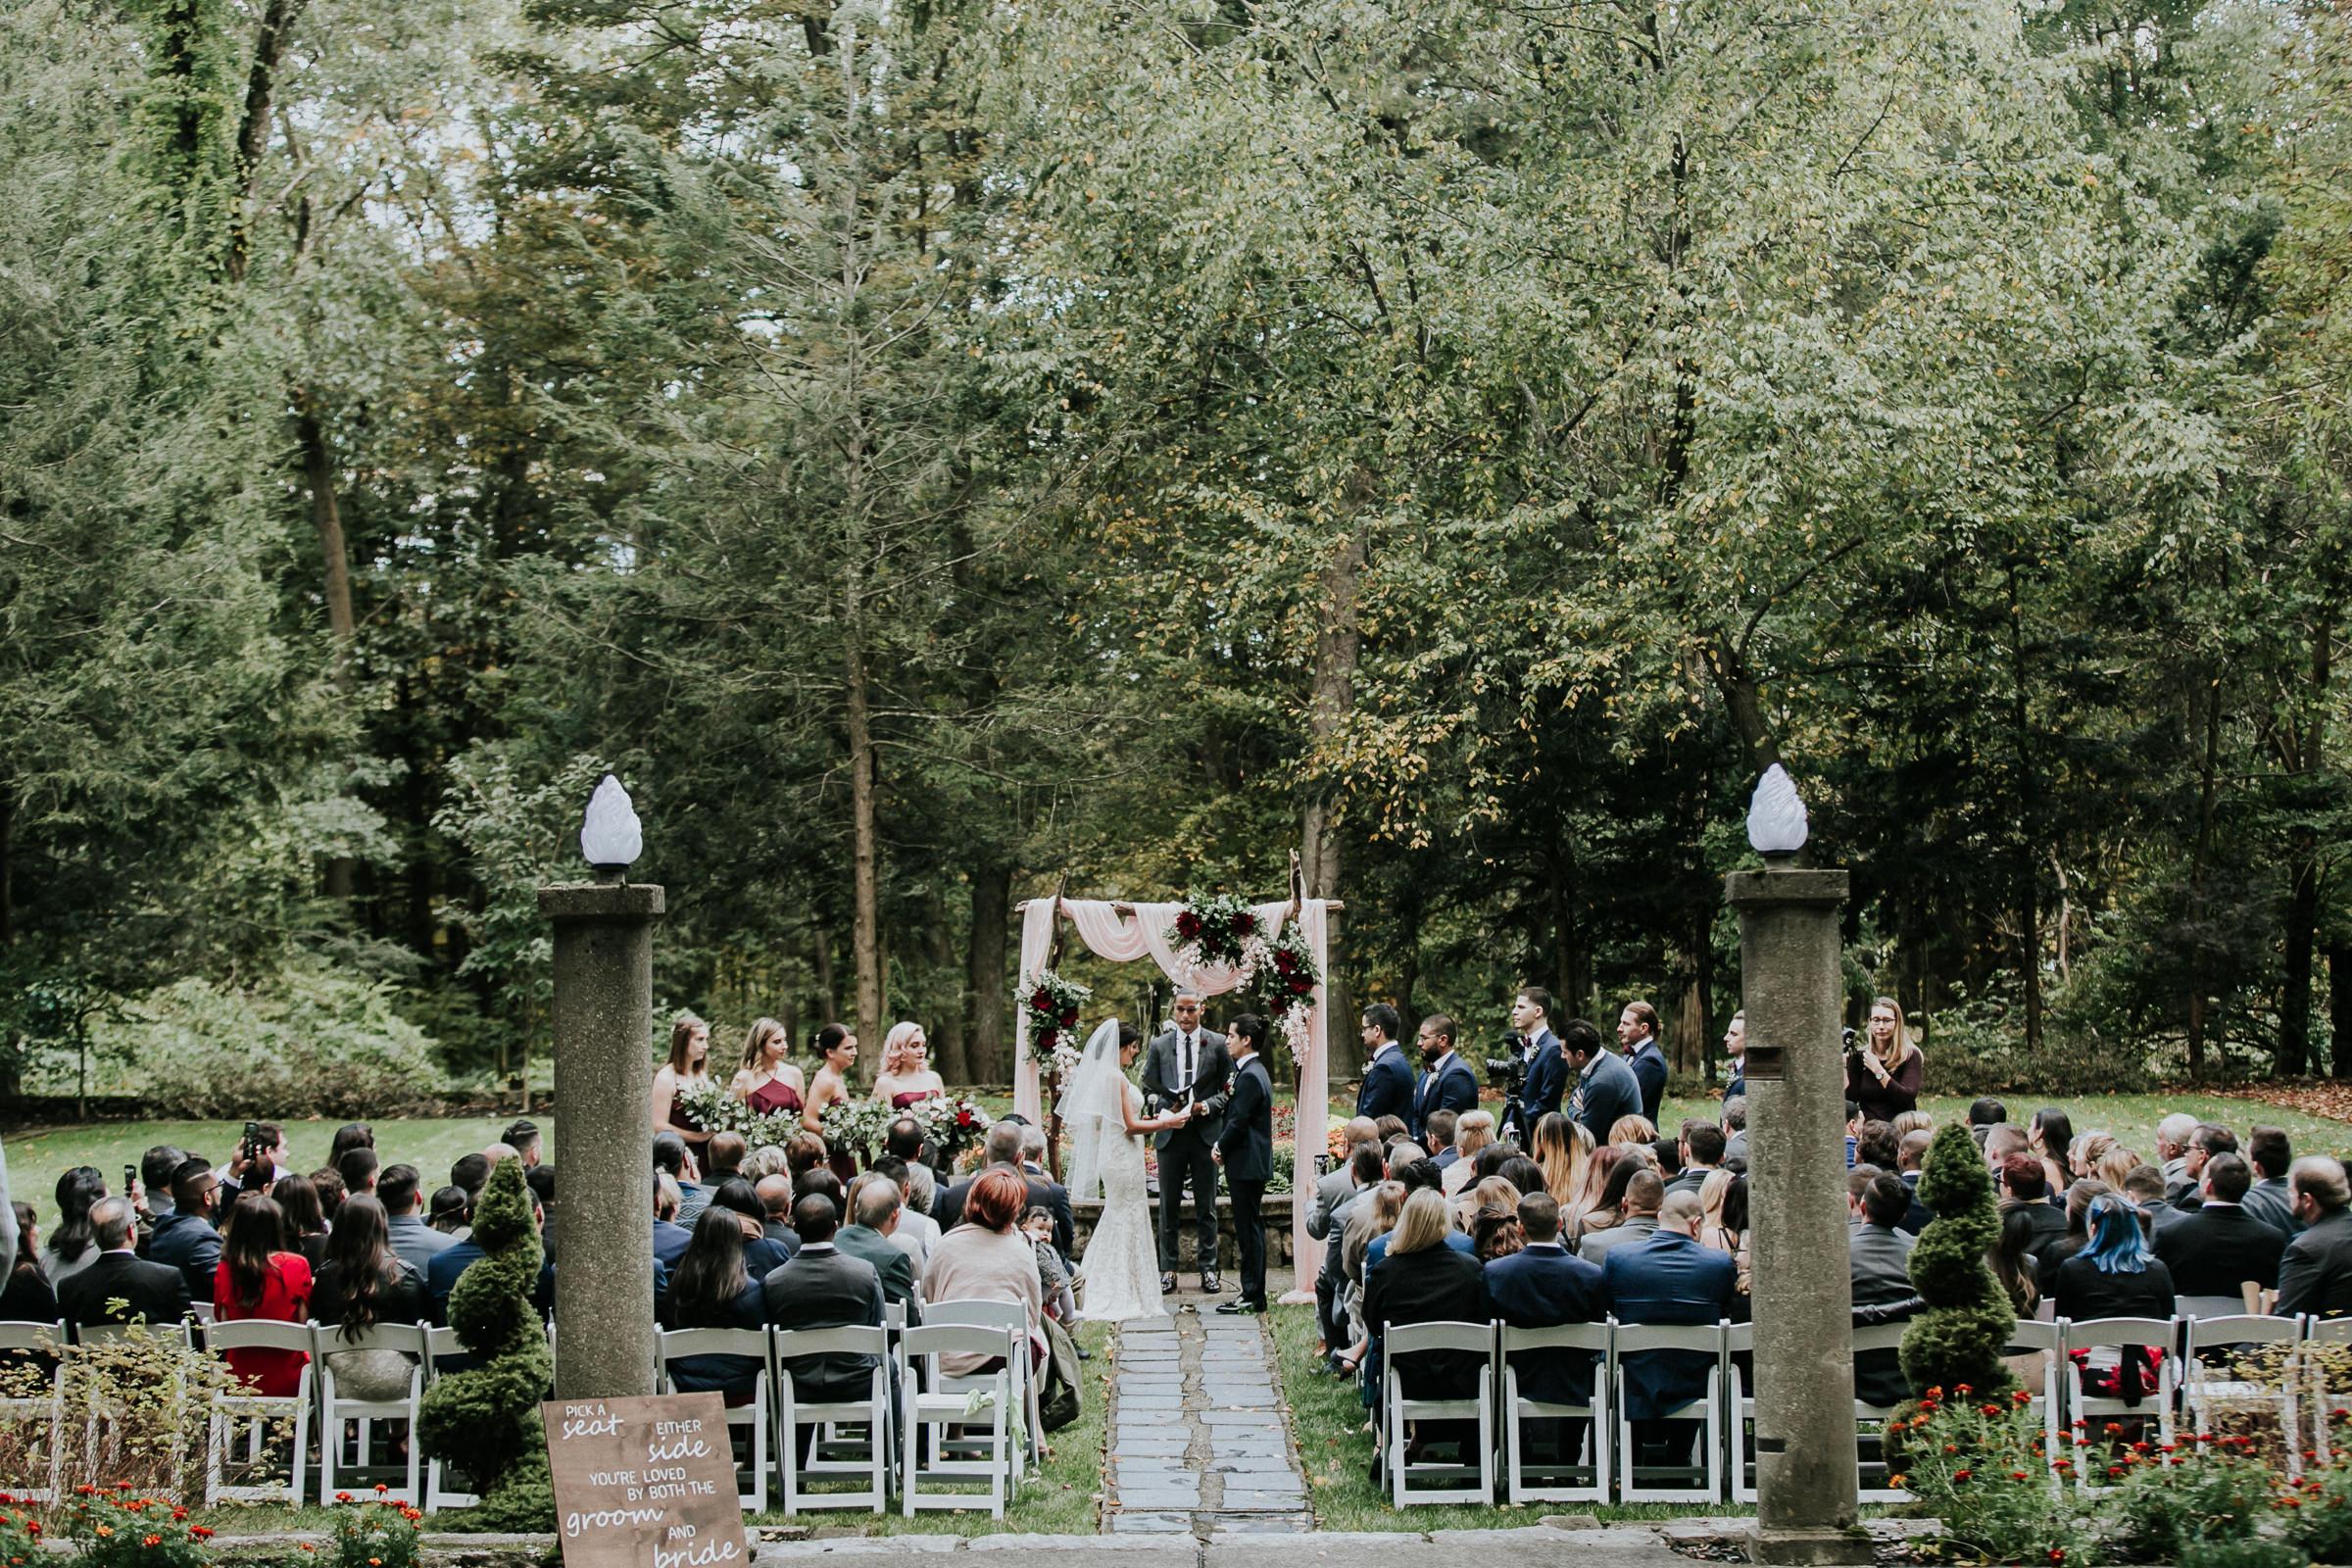 Arrow-Park-Monroe-NY-Documentary-Wedding-Photographer-56.jpg